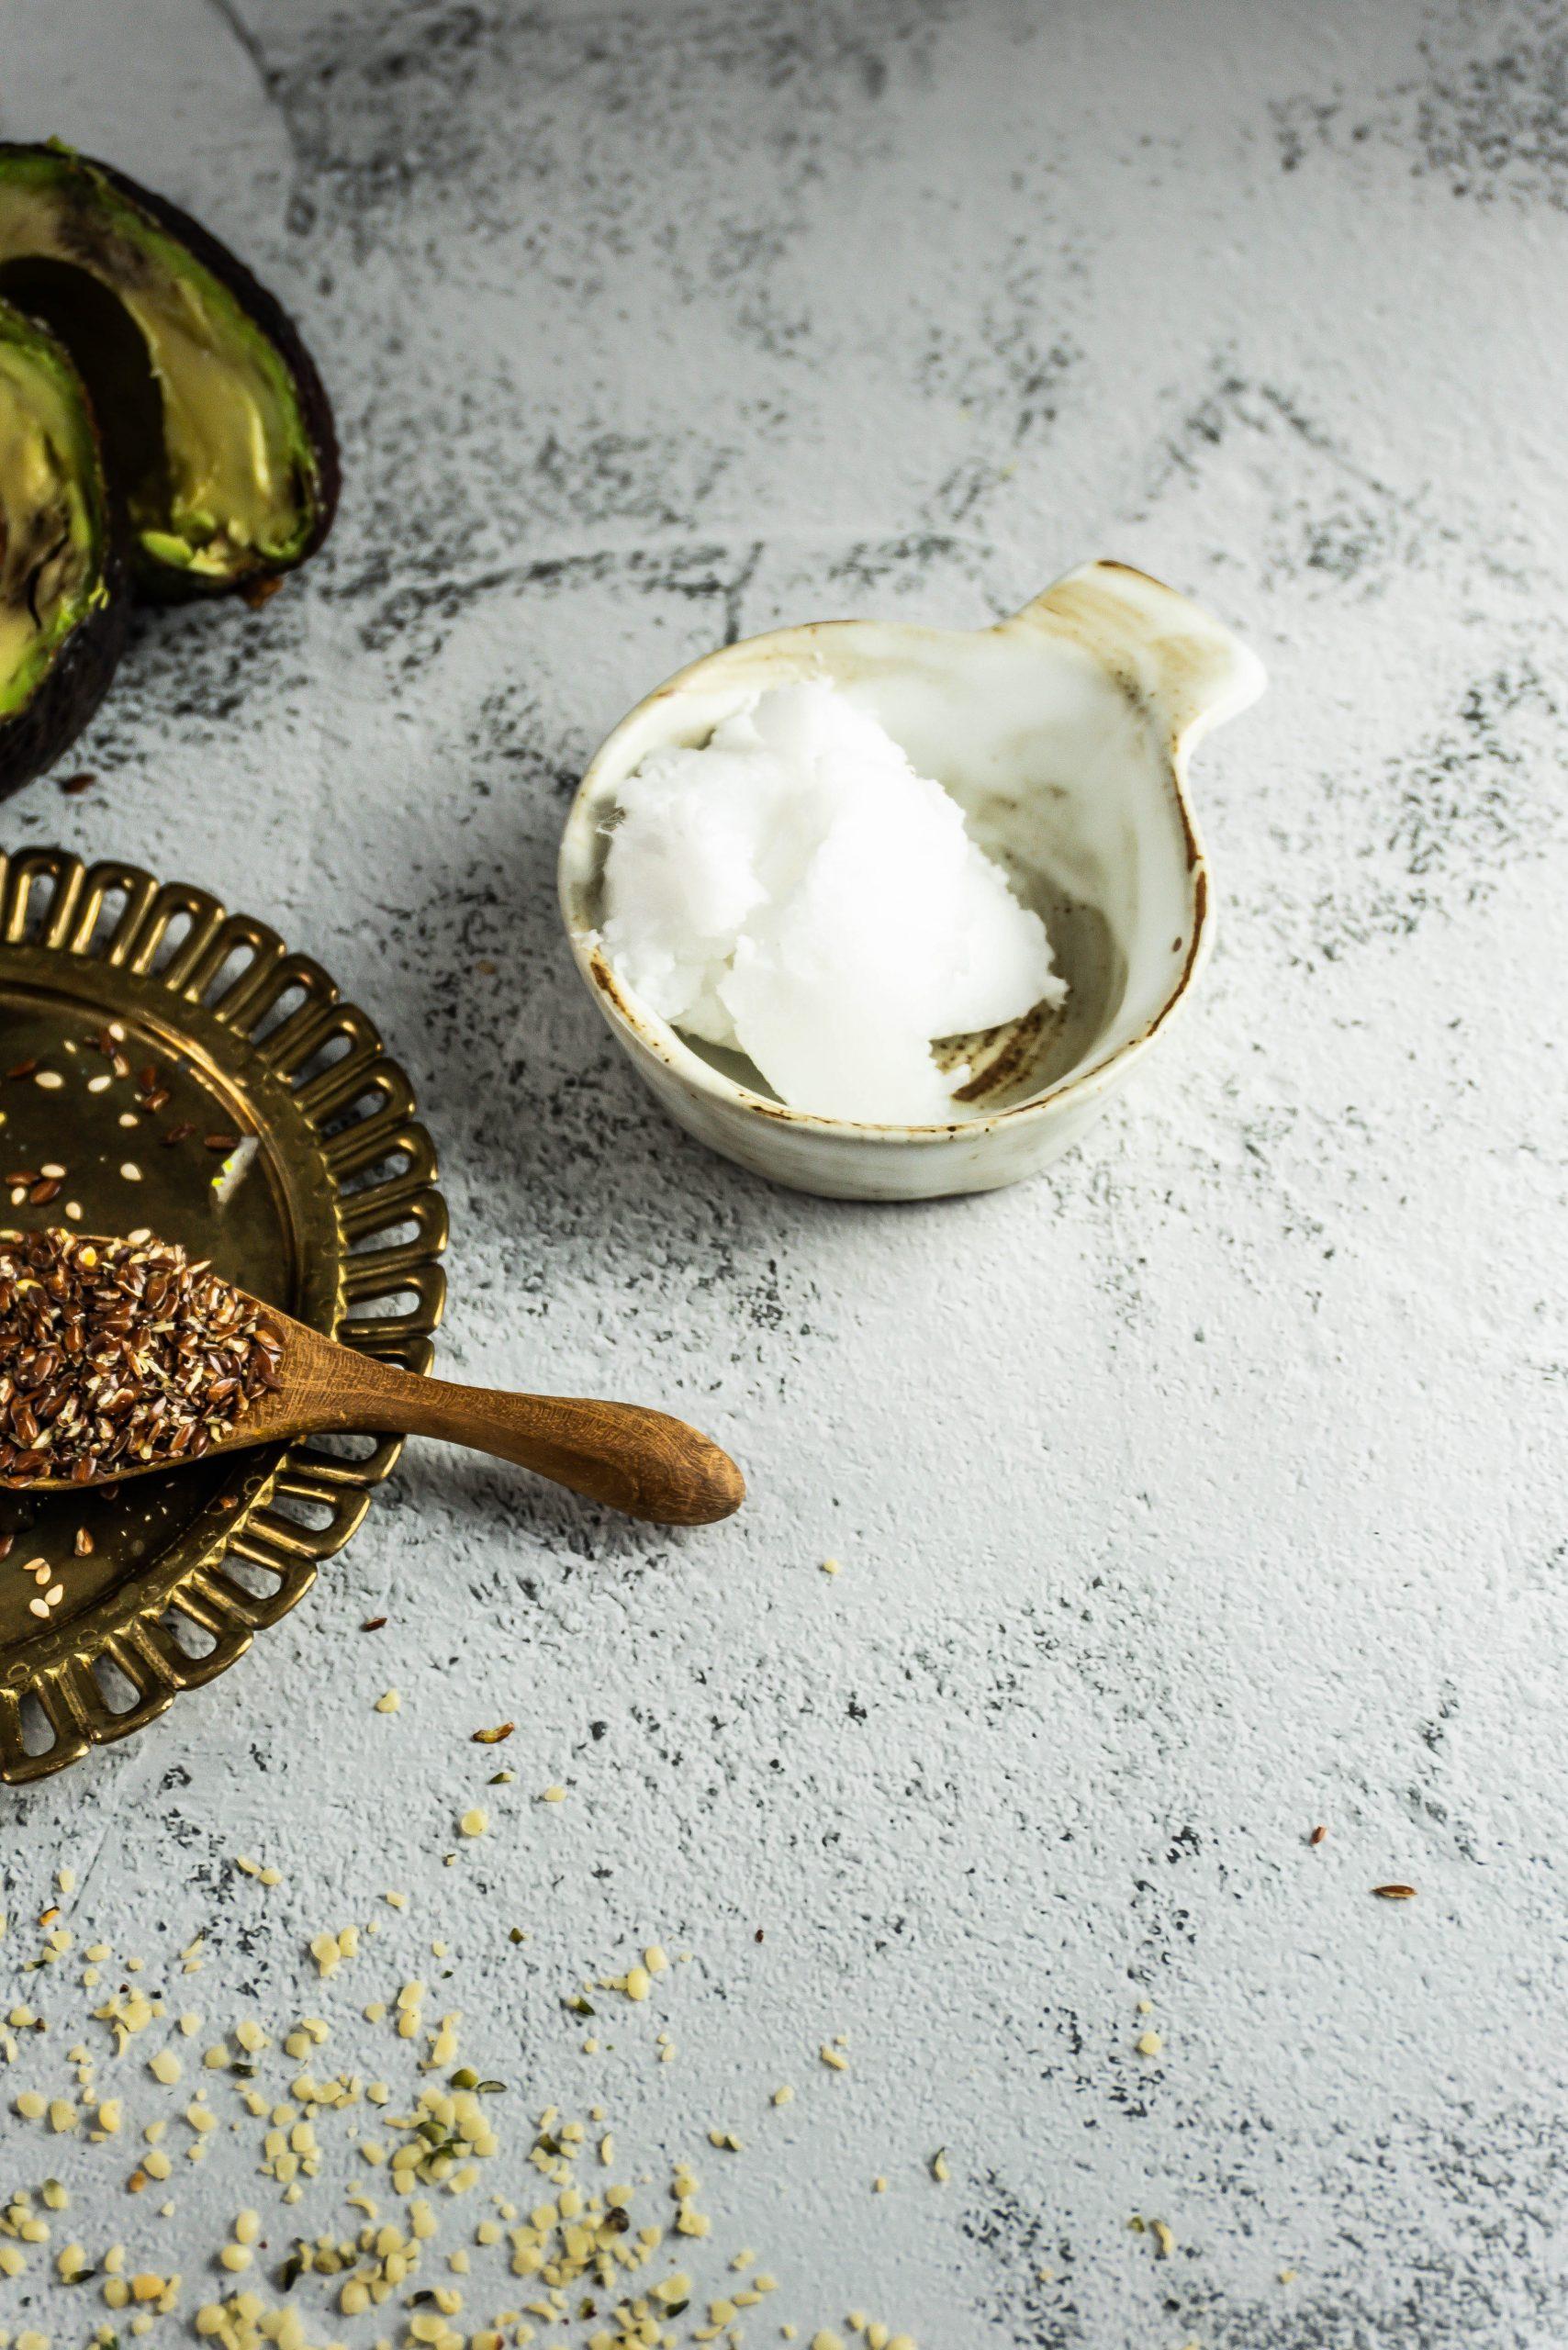 Coconut oil in a small white dish